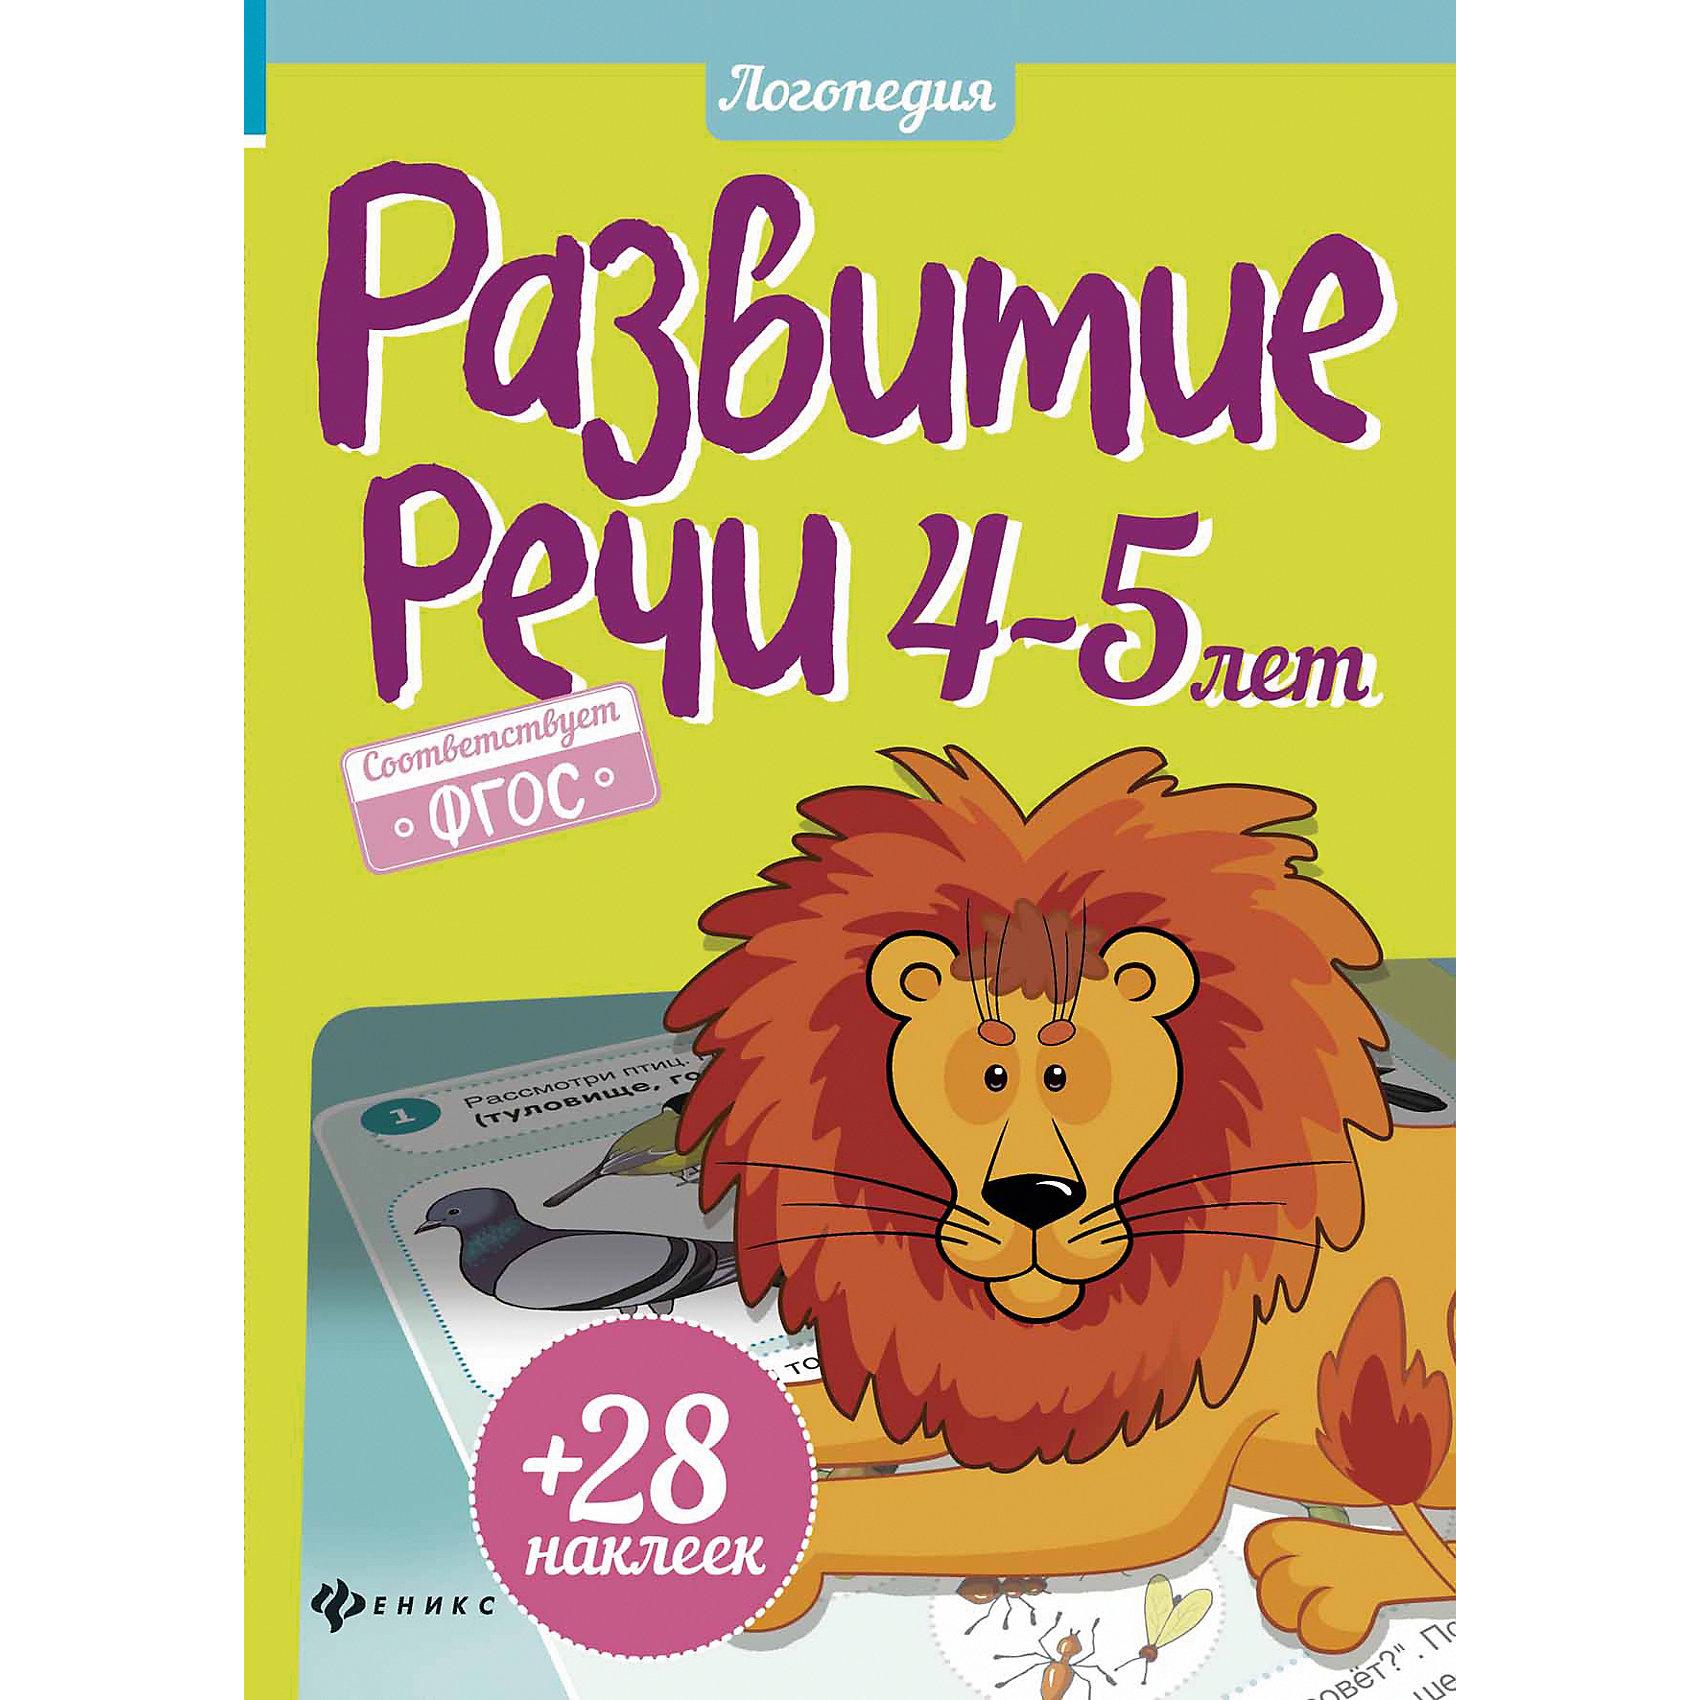 Развитие речи, 4-5 летРазвивающие книги<br>Развитие речи, 4-5 лет<br><br>Характеристики: <br><br>• Кол-во страниц: 24<br>• ISBN: 9785222268605<br>• Возраст: 4-5 лет<br>• Обложка: мягкая<br>• Формат: а4<br><br>Эта книга поможет родителям научить своих детей правильно и красиво говорить. Заниматься можно начинать с дошкольного возраста и работать с книгой дома. Благодаря имеющимся в пособии подсказкам для родителей, процесс обучения становится проще и увлекательнее. Обучаясь по этой книге ребенок сможет научиться грамотно излагать свои мысли, развить словарный запас и логику. А яркие задания, игры и наклейки сделают обучения легким и приятным.<br><br>Развитие речи, 4-5 лет можно купить в нашем интернет-магазине.<br><br>Ширина мм: 290<br>Глубина мм: 205<br>Высота мм: 20<br>Вес г: 104<br>Возраст от месяцев: -2147483648<br>Возраст до месяцев: 2147483647<br>Пол: Унисекс<br>Возраст: Детский<br>SKU: 5464552